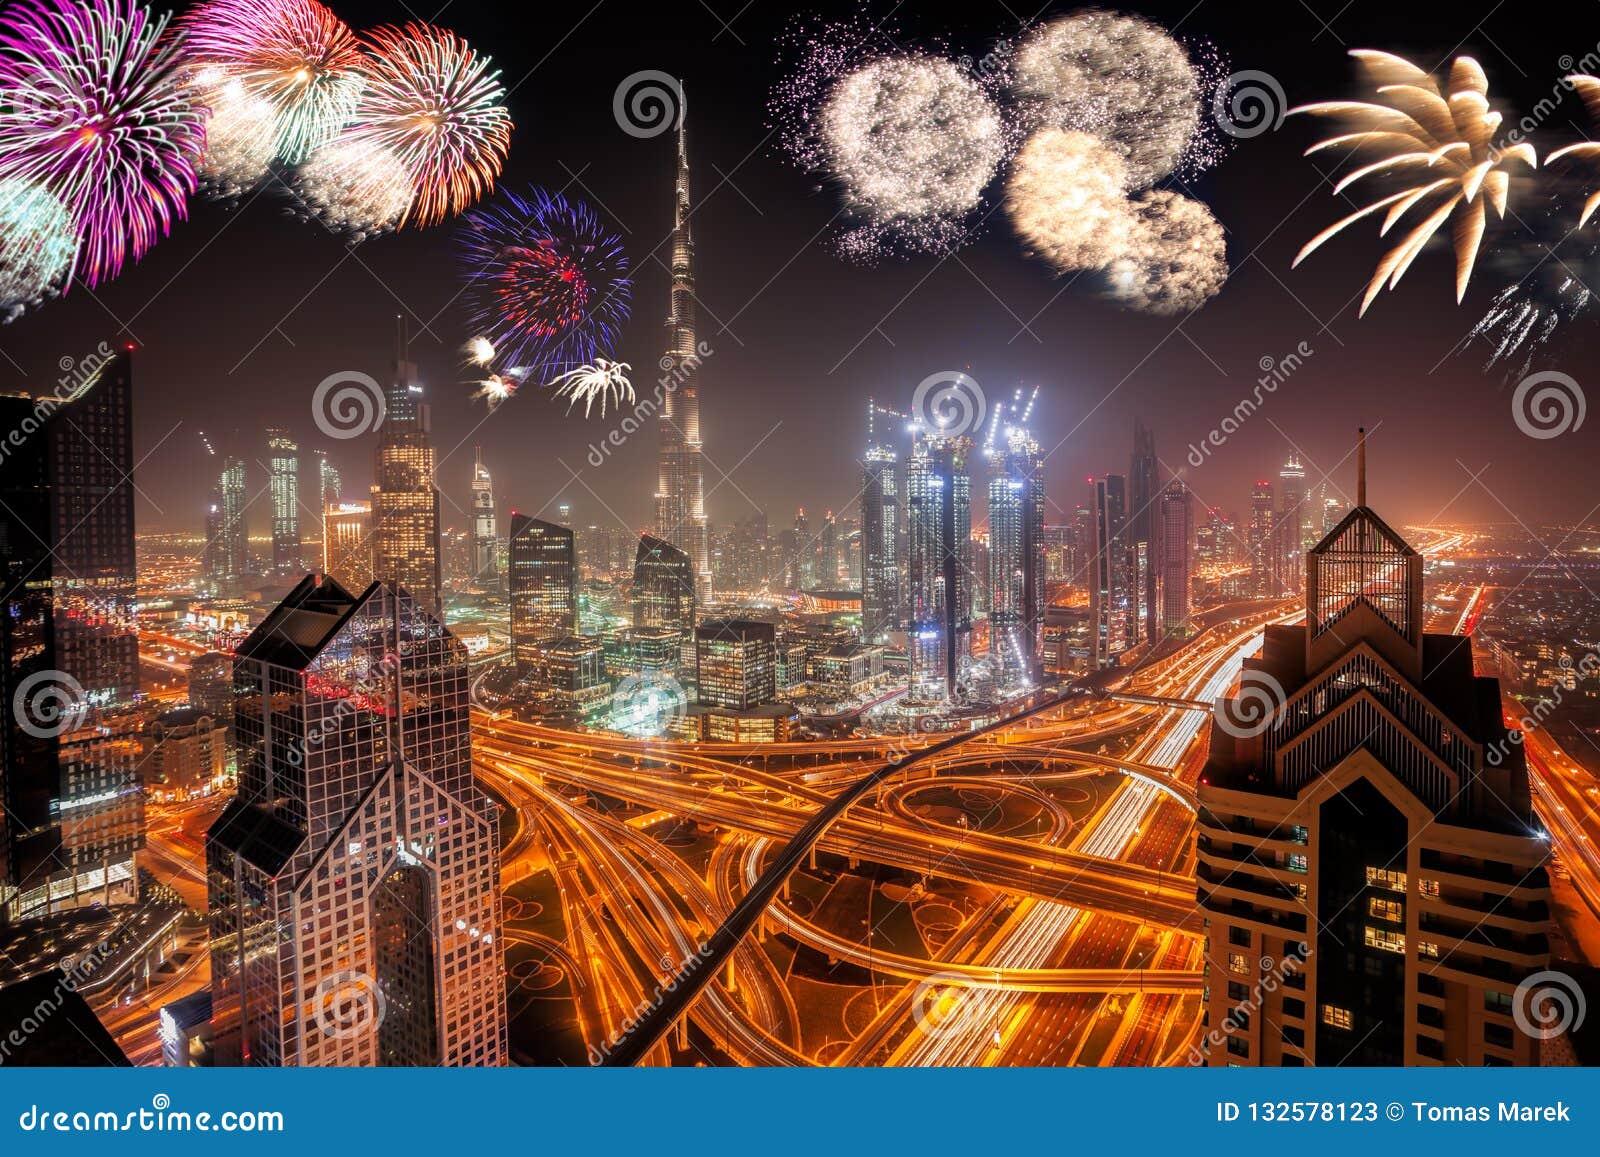 Дисплей фейерверков Нового Года в Дубай, ОАЭ